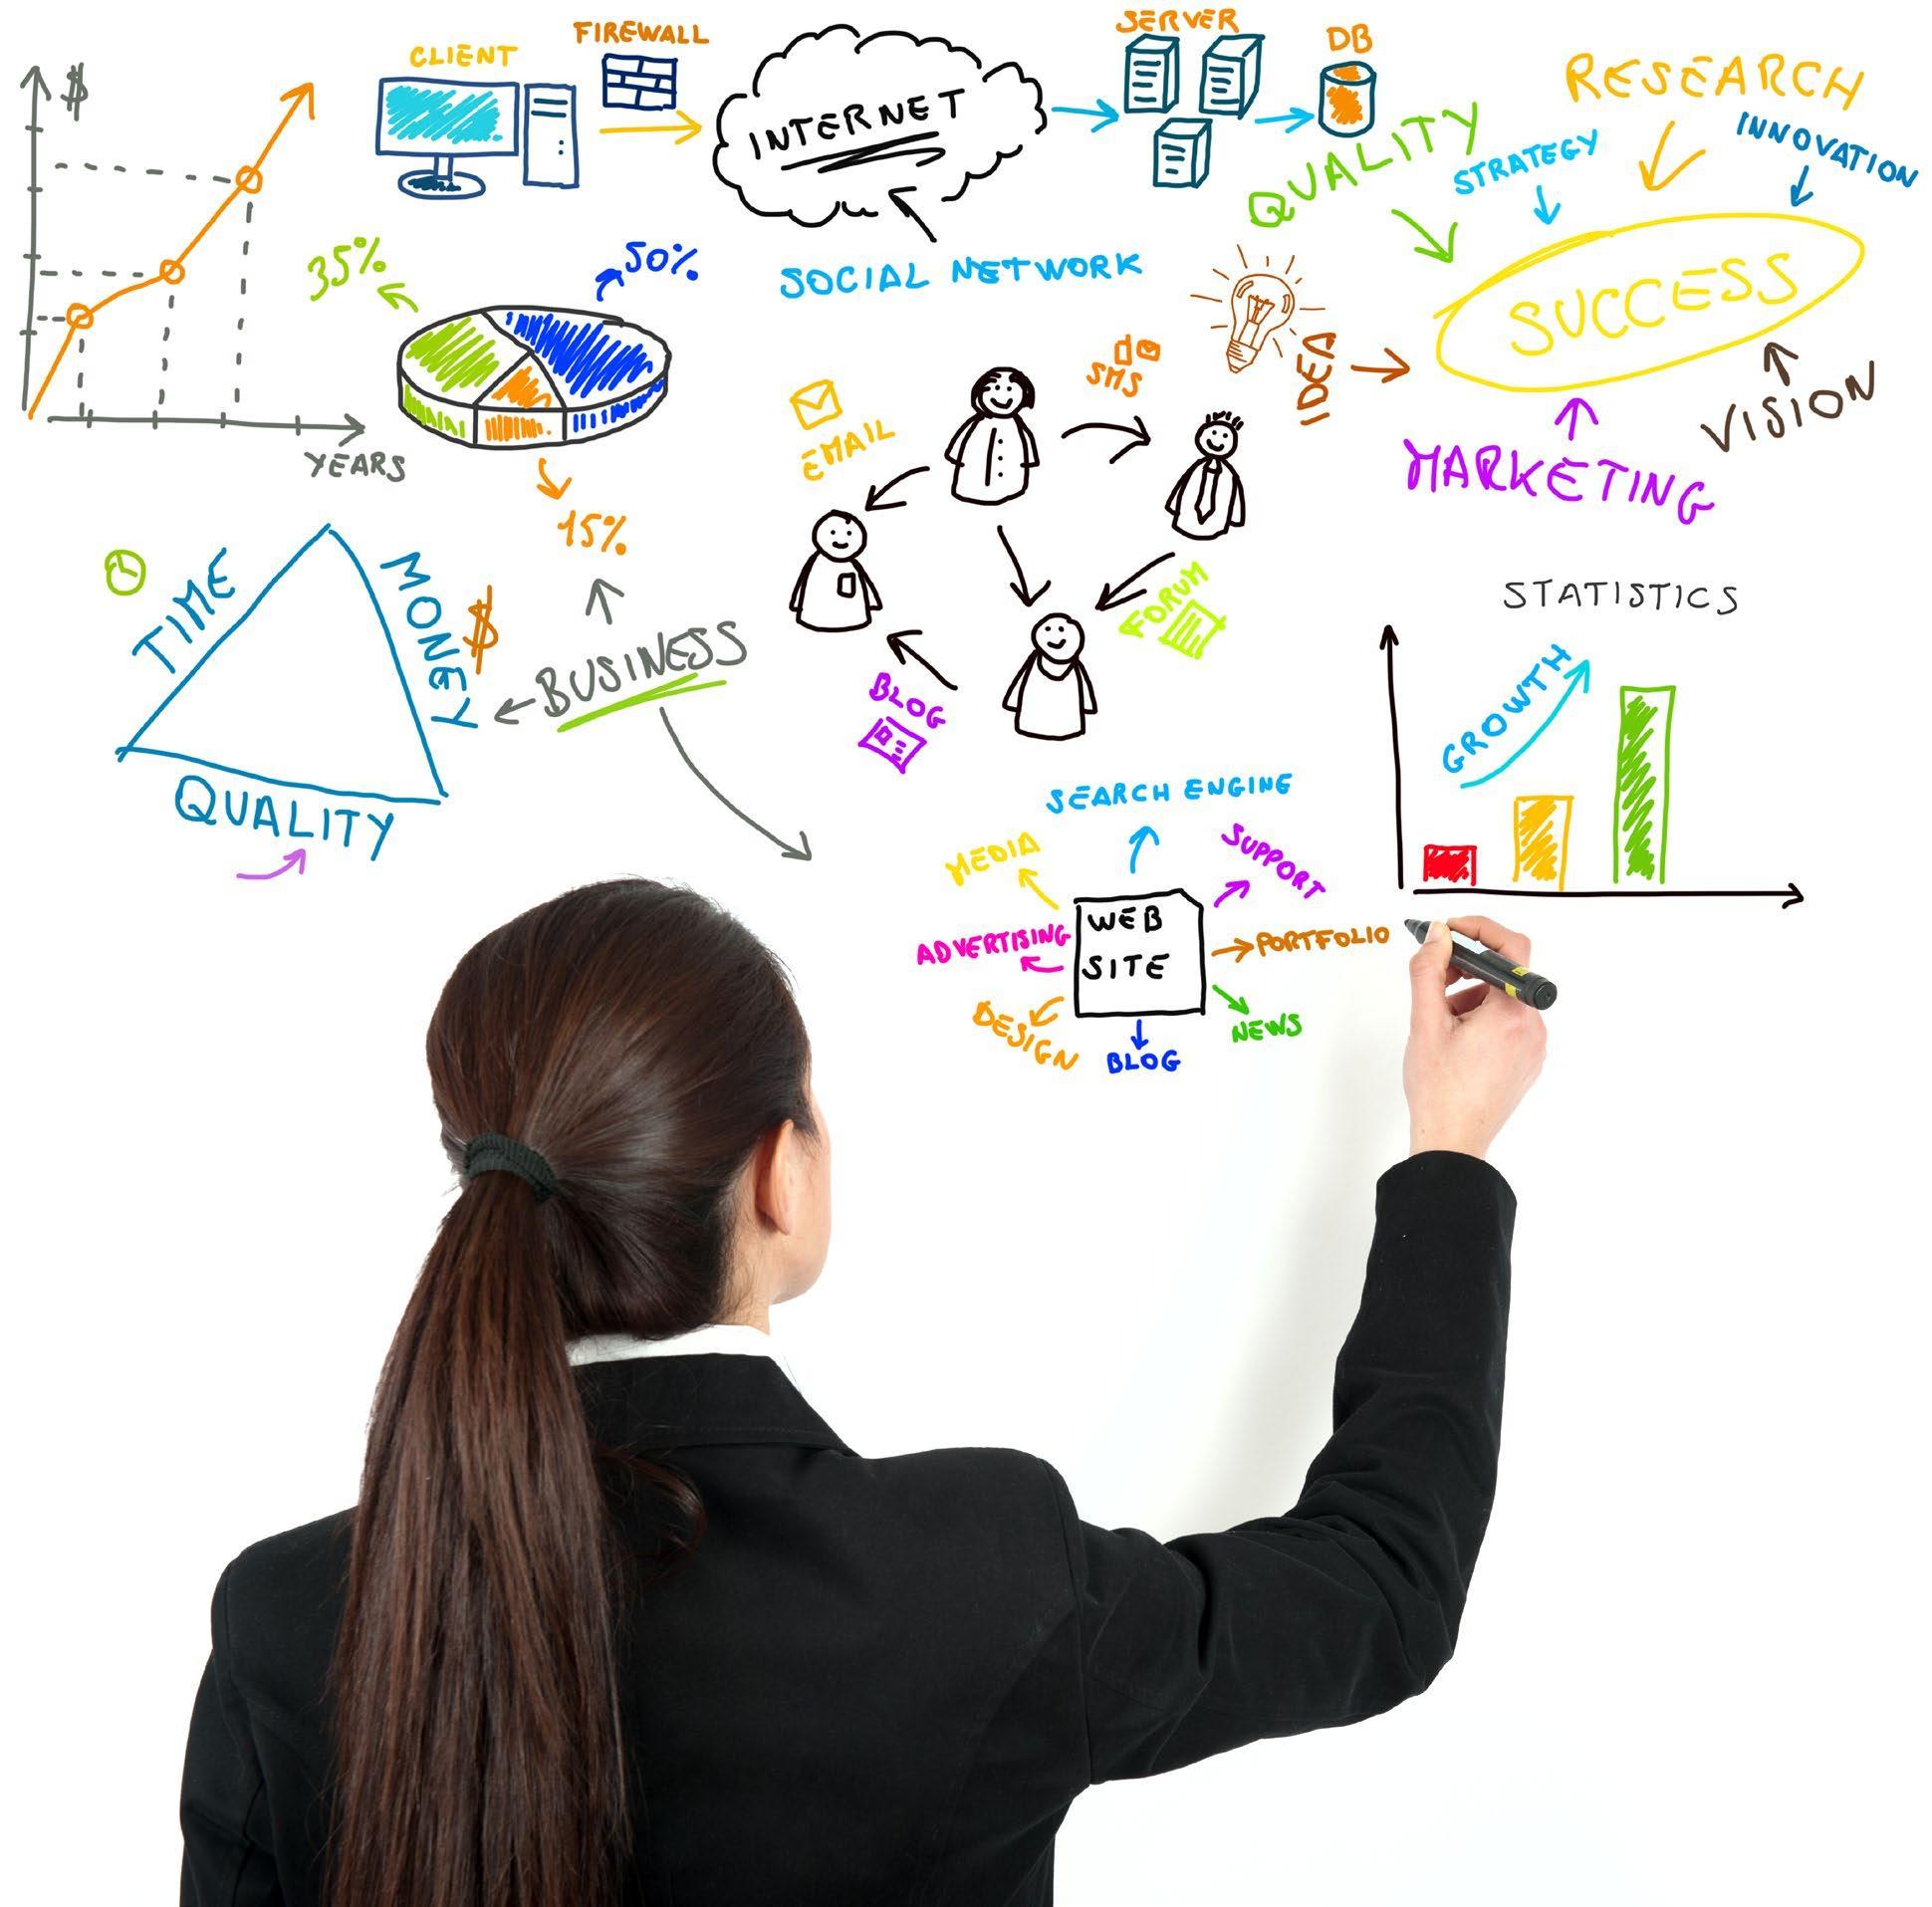 Mách bạn bí quyết viết nội dung hấp dẫn, lôi cuốn cho website của bạn |  ThegioiMarketing.vn - Your Business starts here.